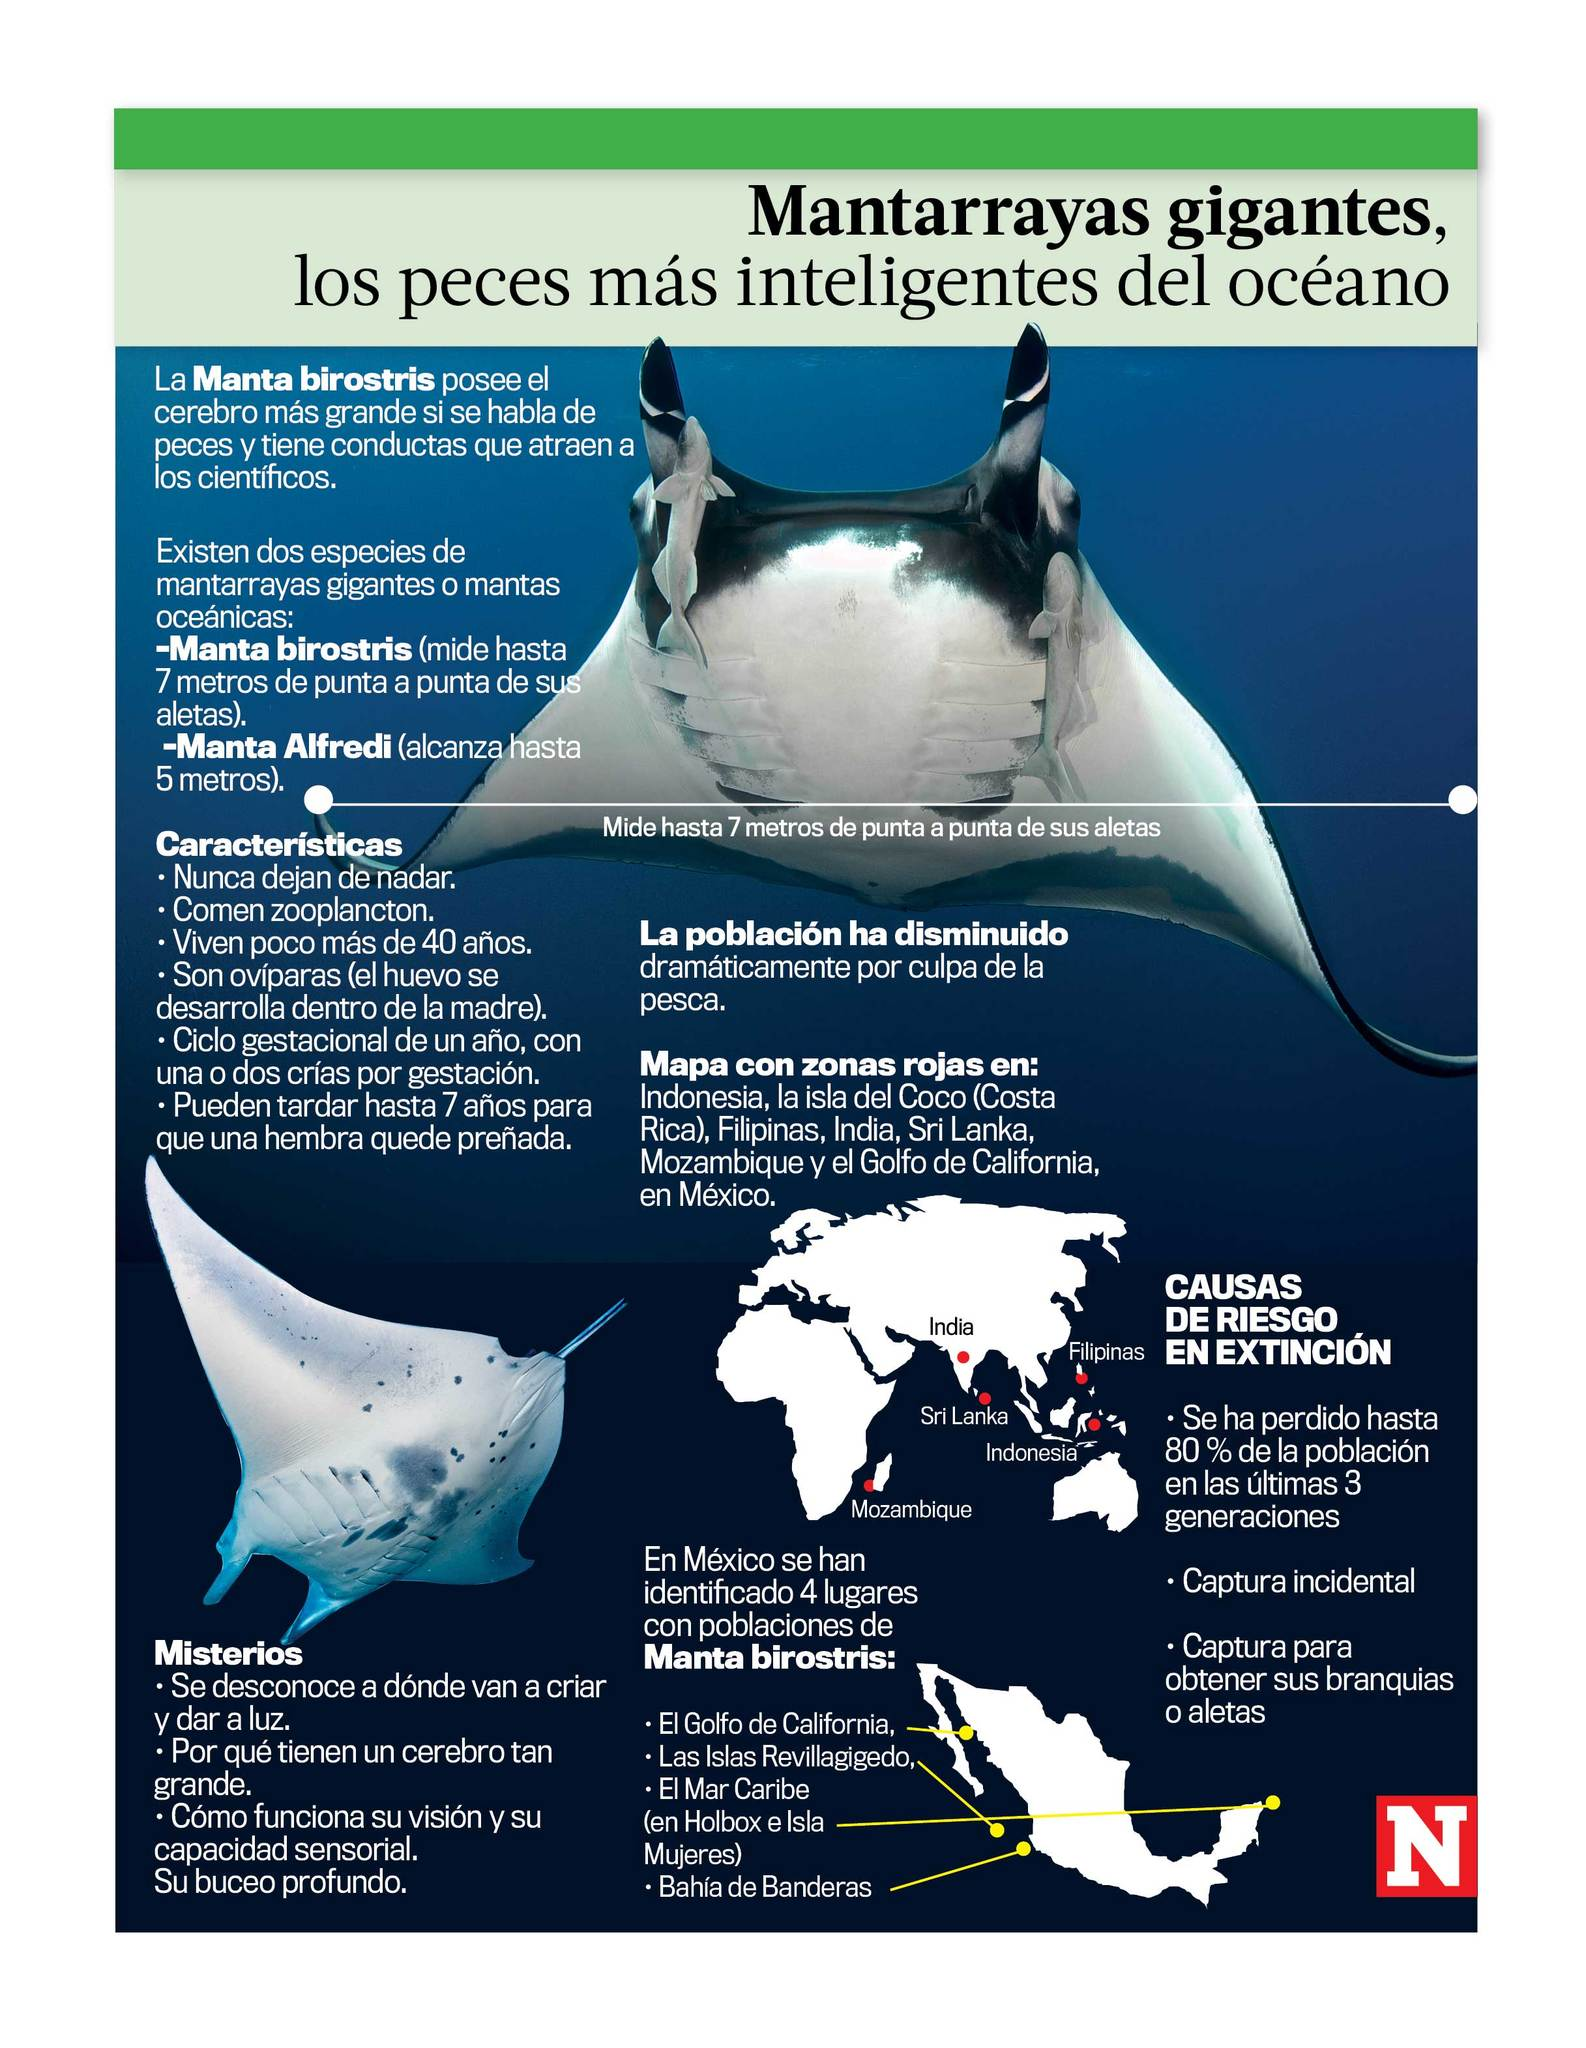 Mantarrayas gigantes los peces más inteligentes del océano